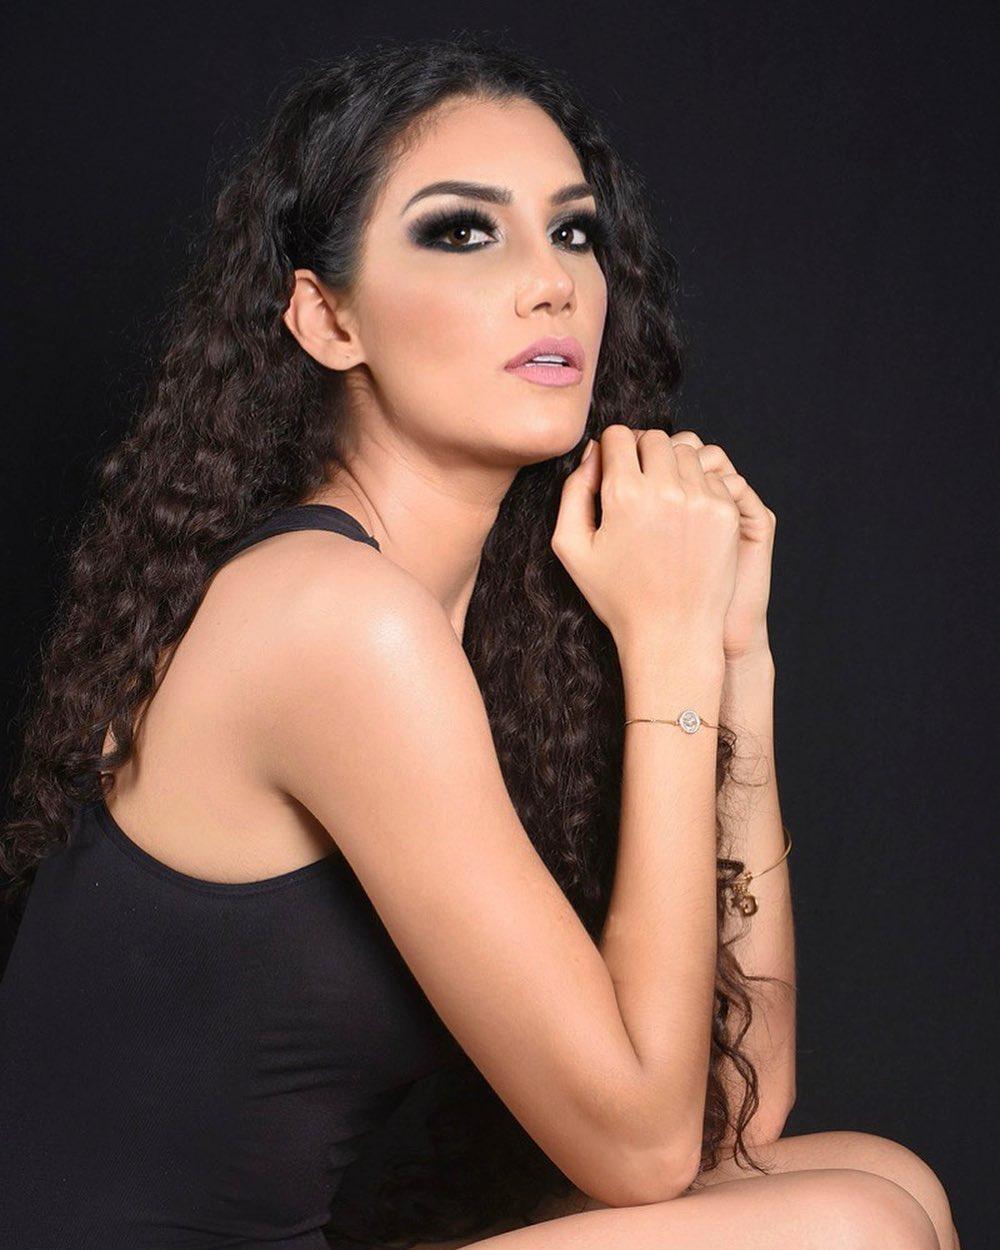 georgina vargas, candidata a miss mexico 2020, representando coahuila. 96526010